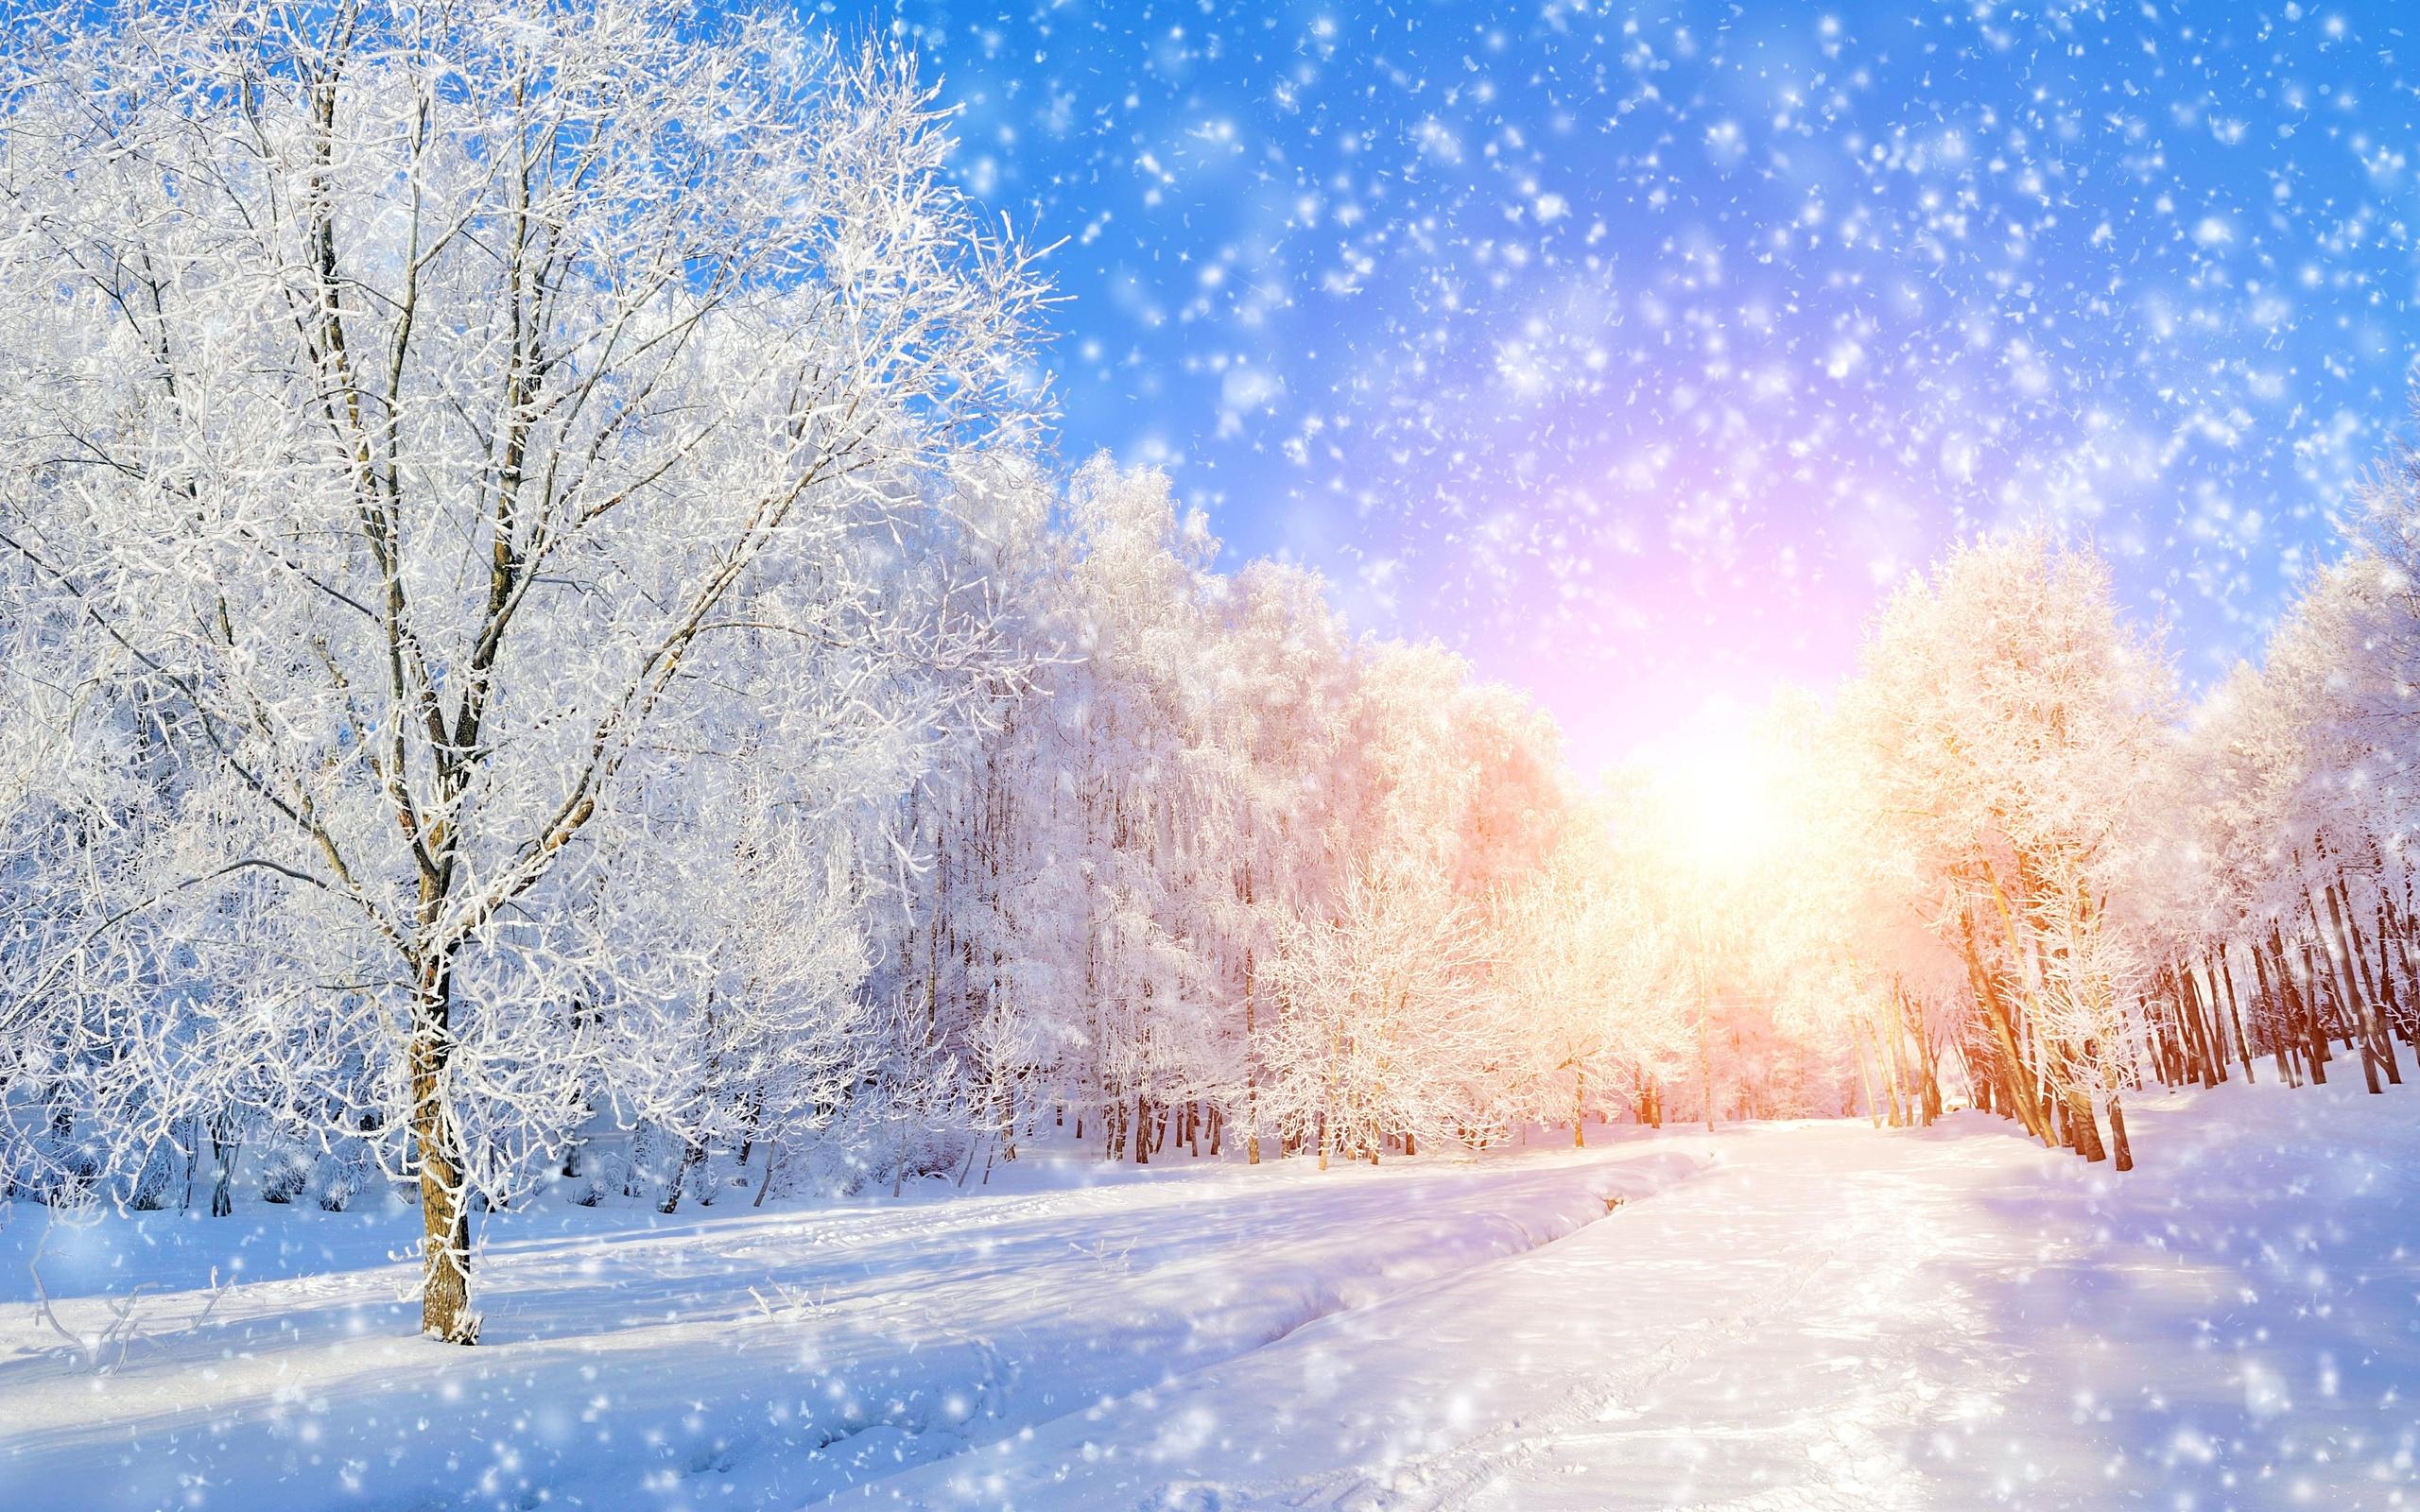 вымысел красивые картинки для фона зимние ход вступает